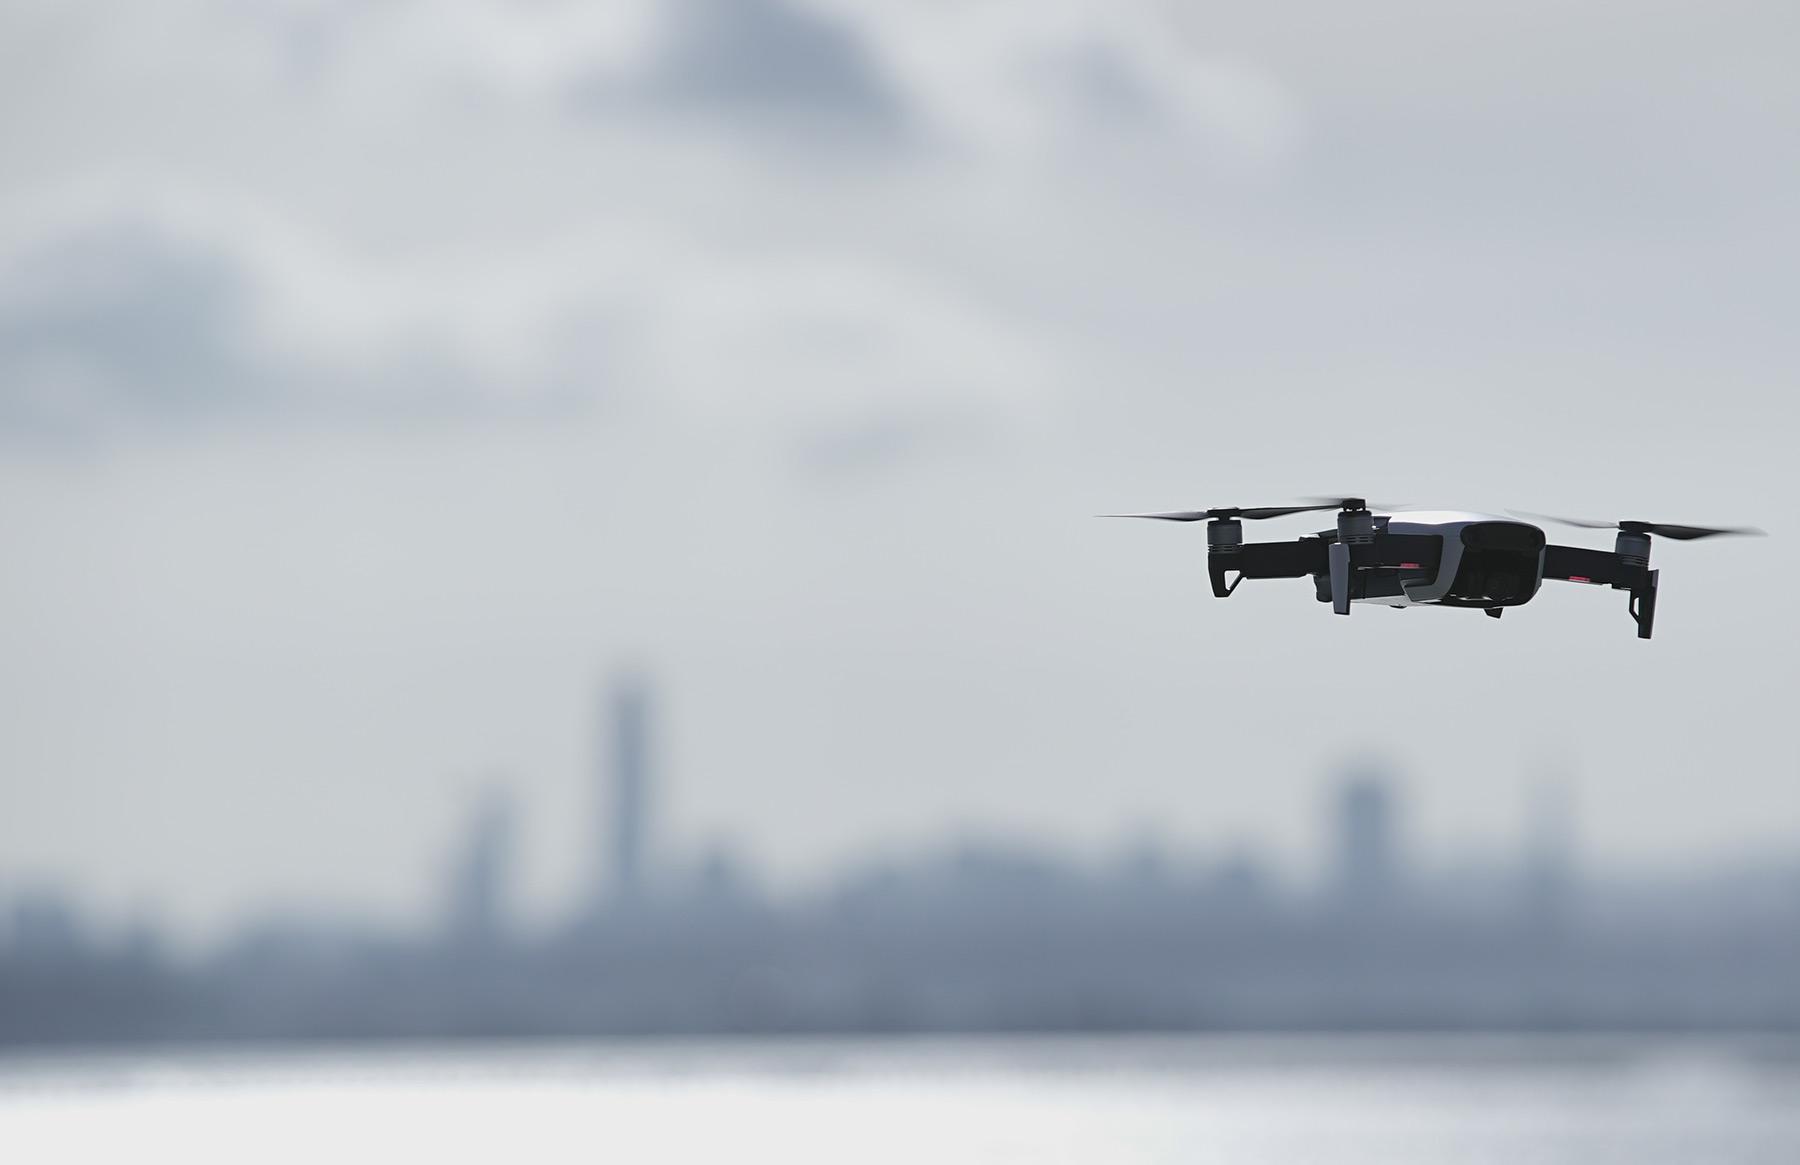 DJI Mavic Air Review Aerial Photographys Next Small Thing